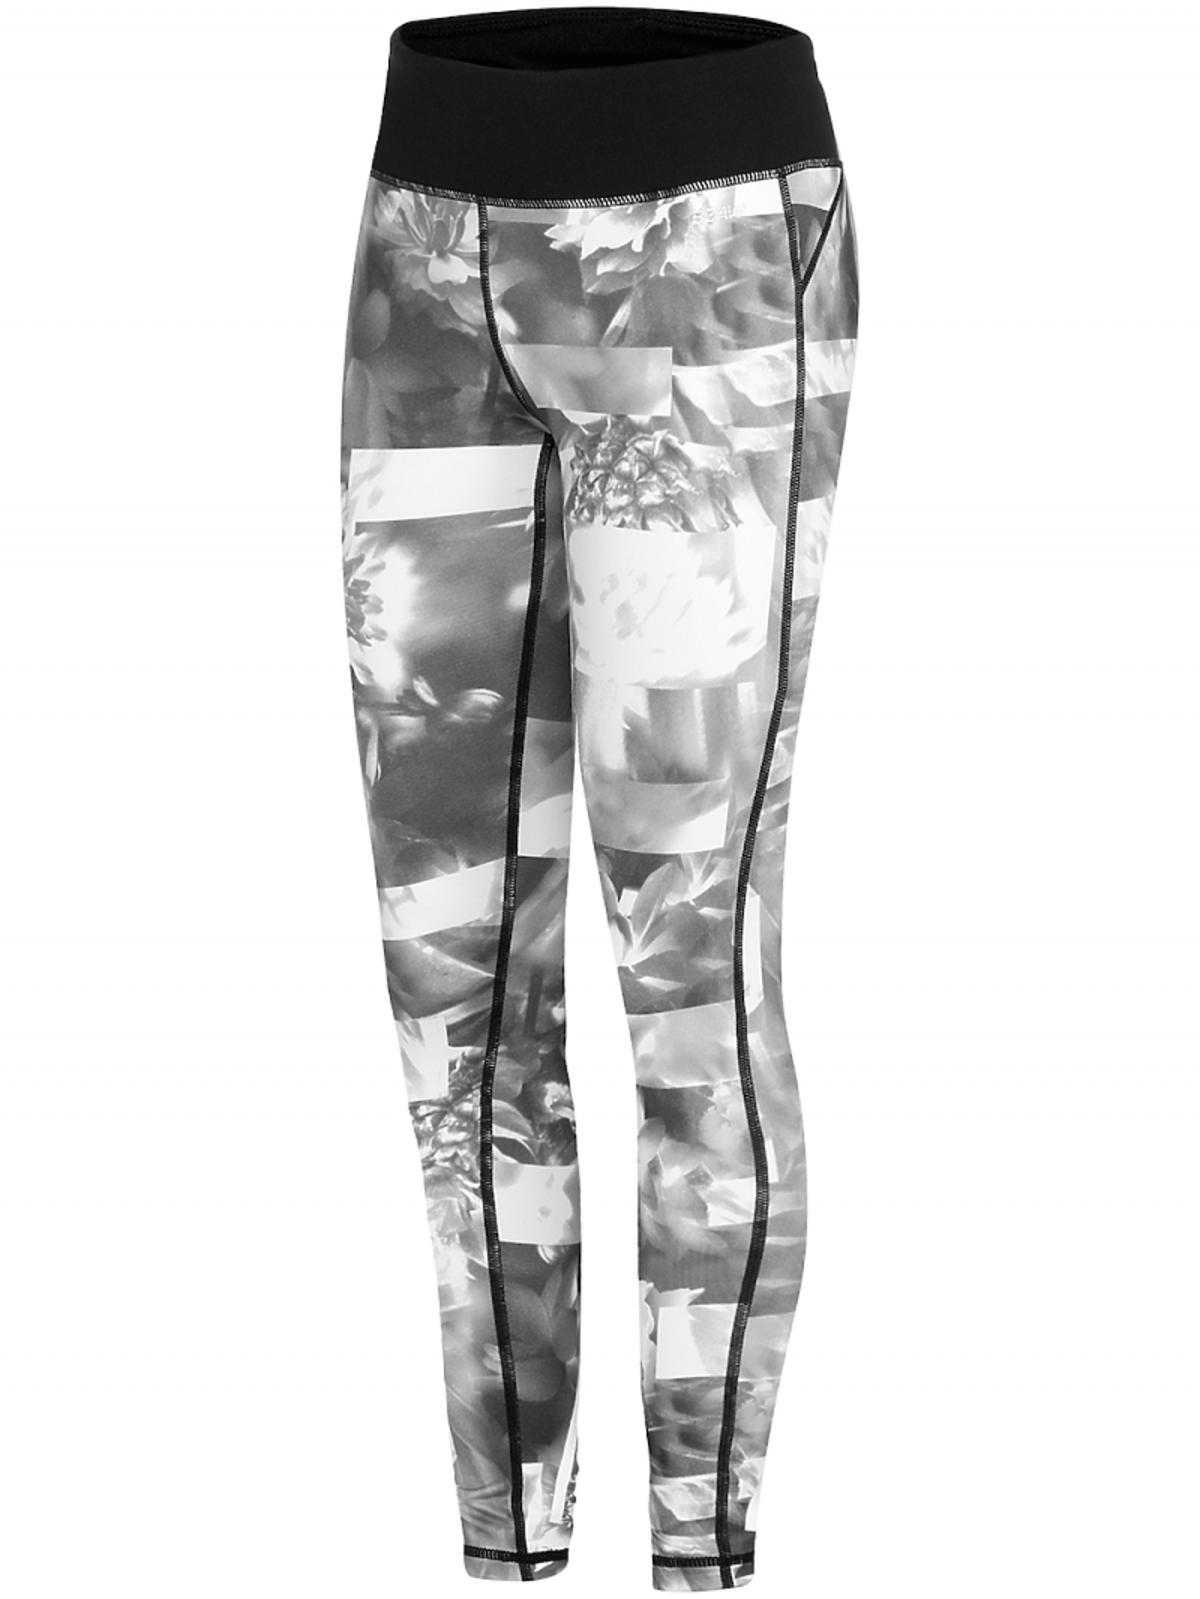 legginsy w czarno-białe wzory